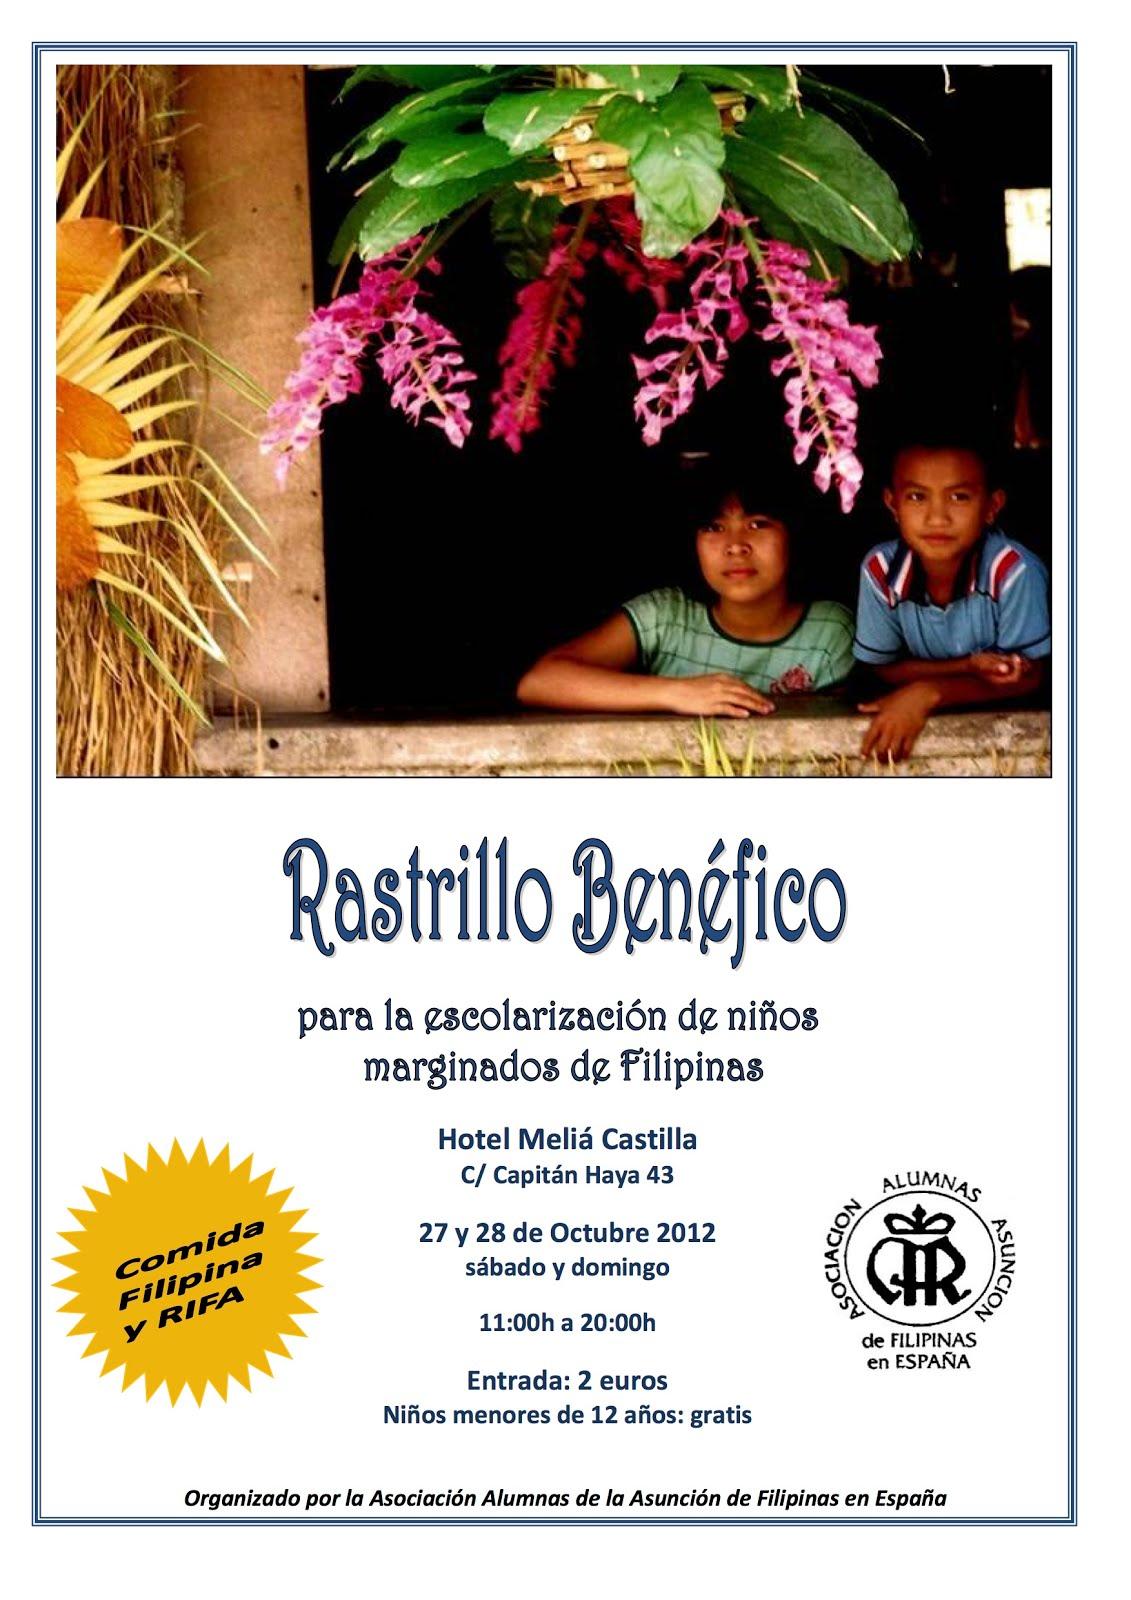 Rastrillo Benéfico para la escolarización de niños marginados en Filipinas